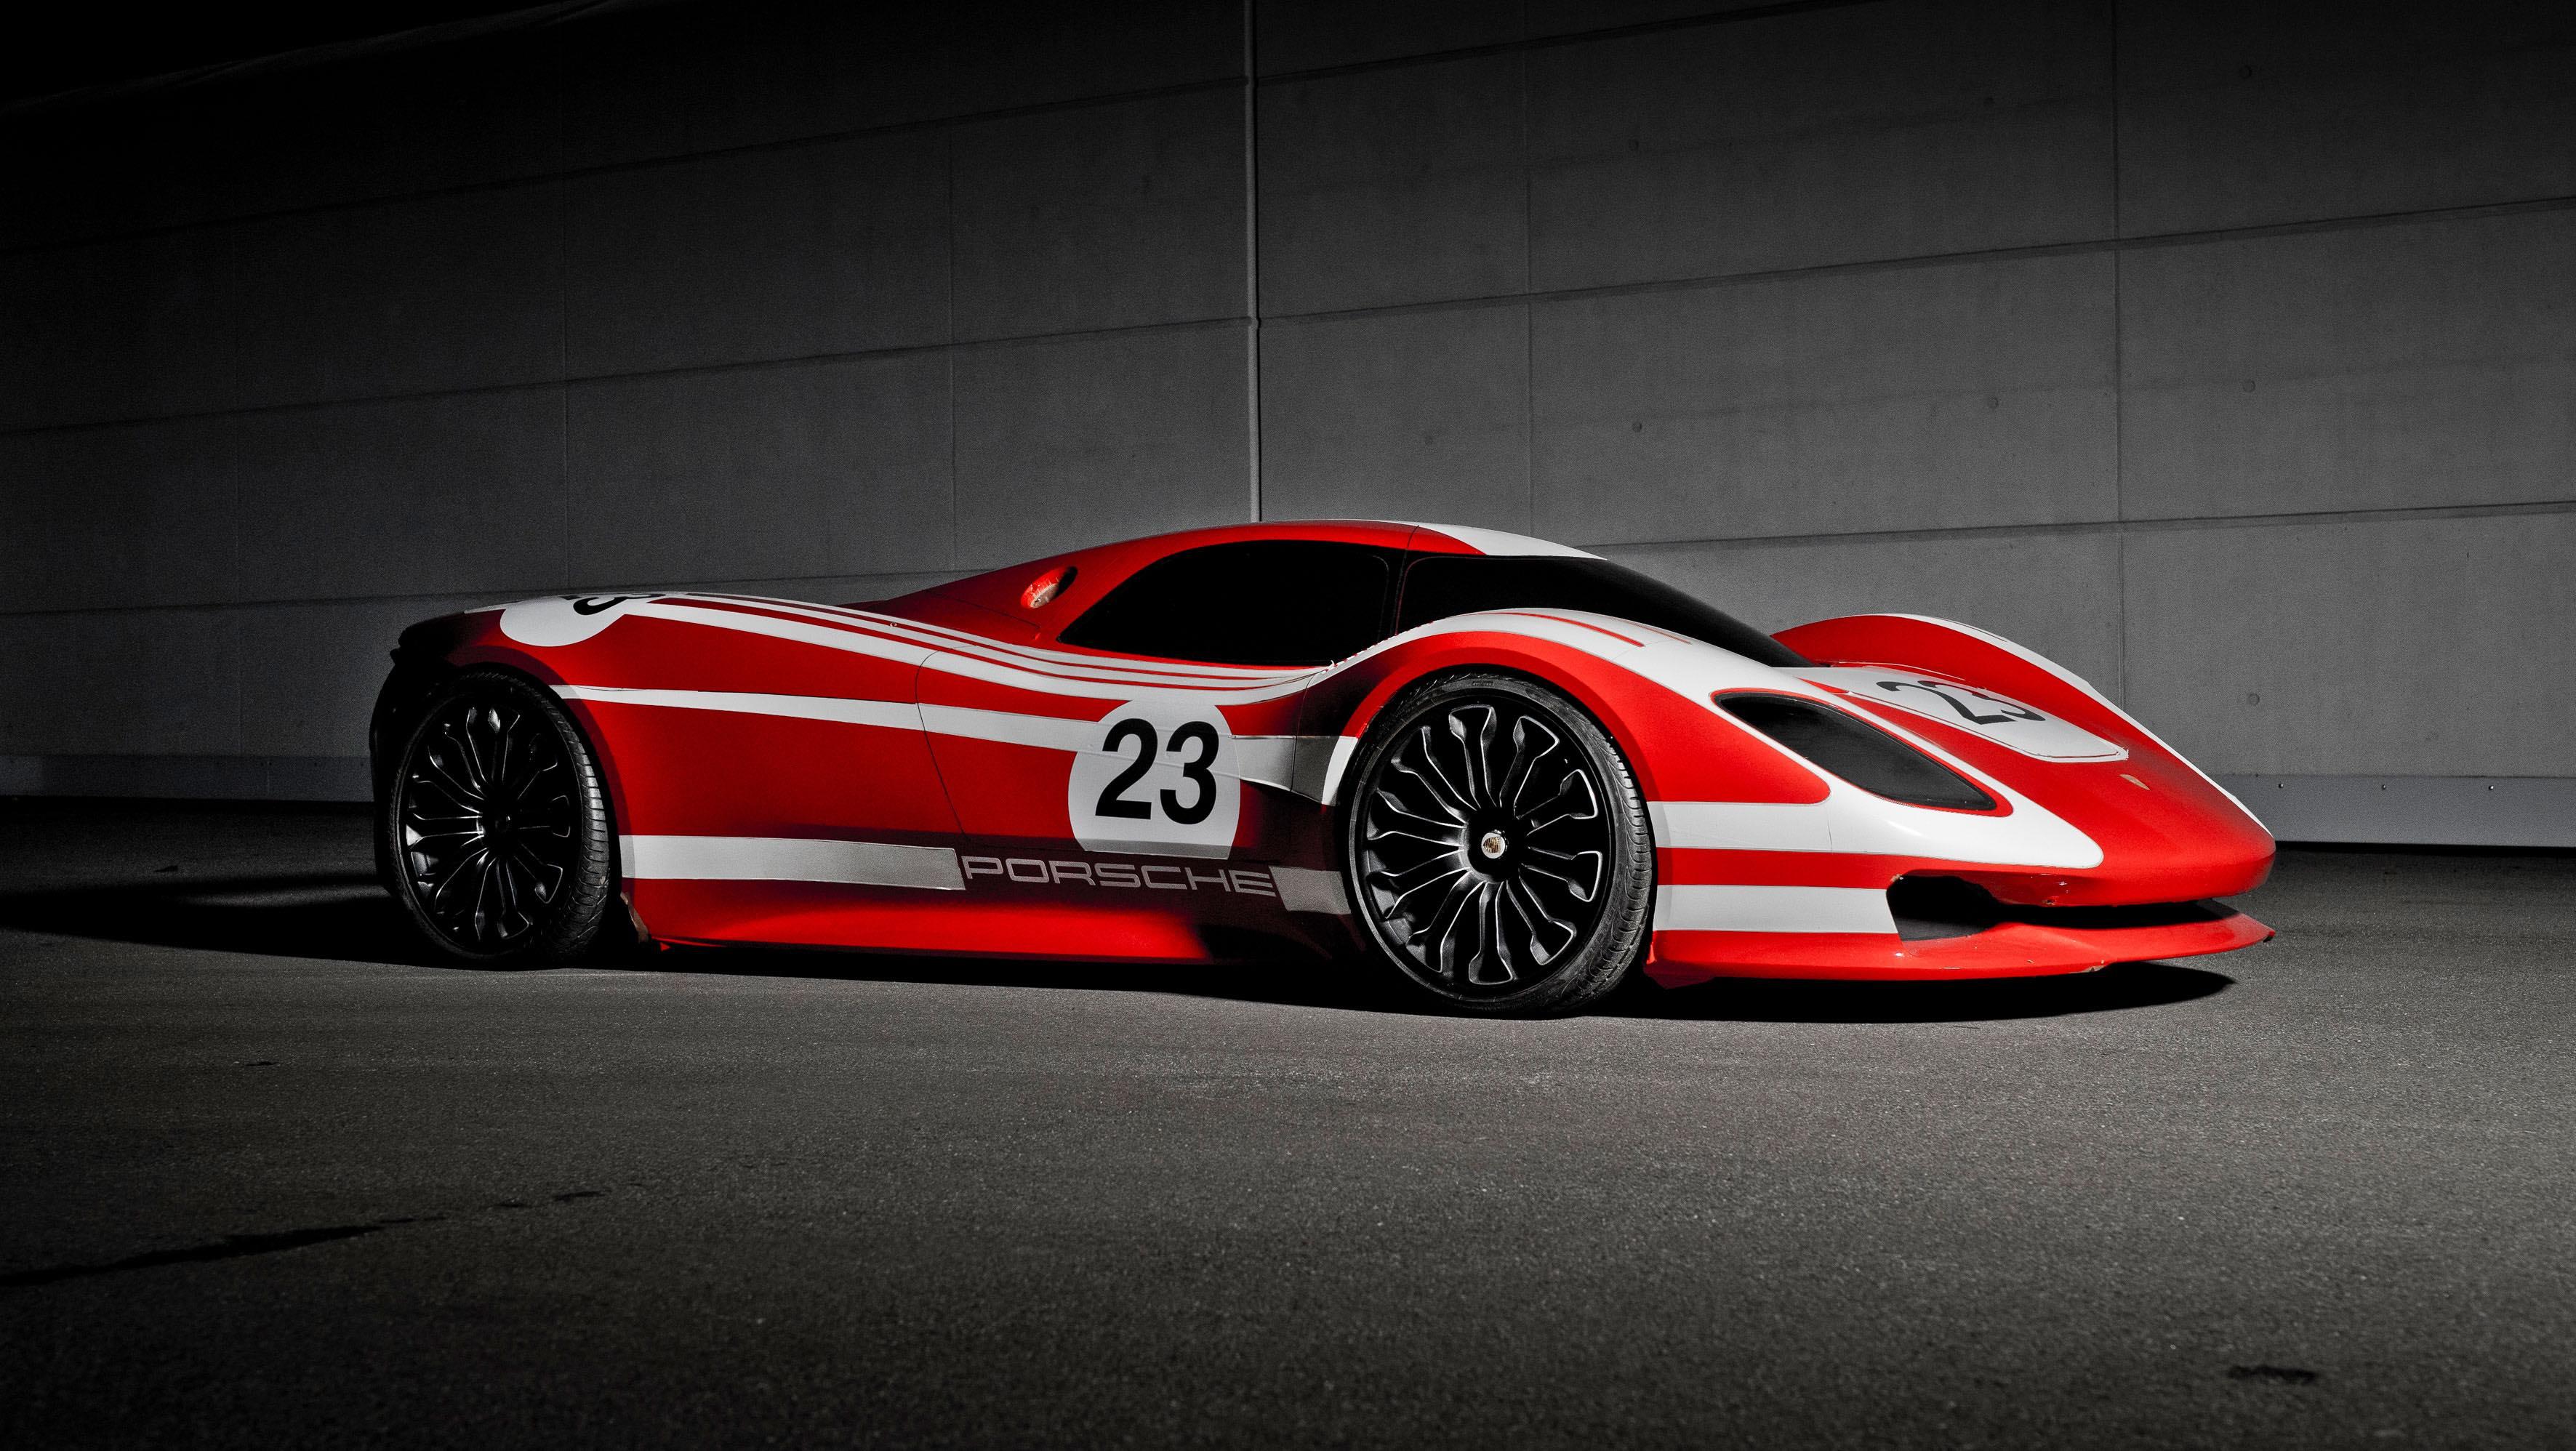 2019 Porsche 917 concept study.